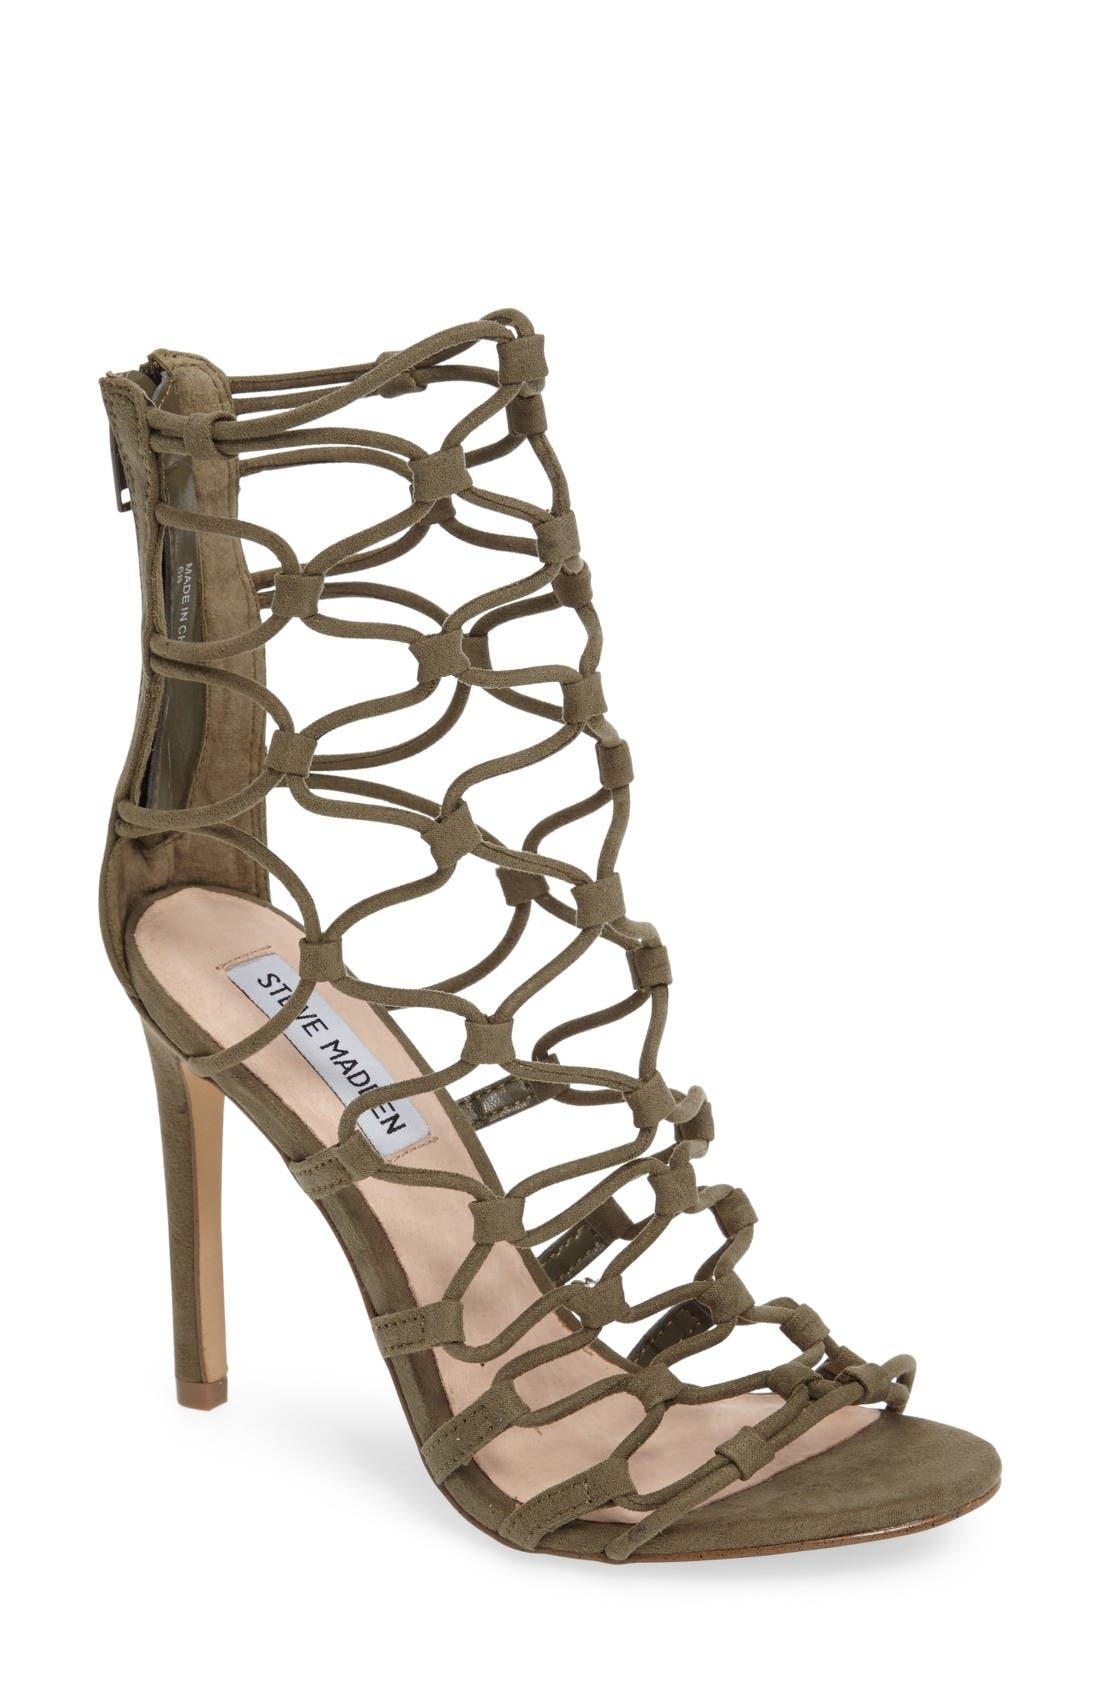 Alternate Image 1 Selected - Steve Madden Mayfair Latticework Tall Sandal (Women)